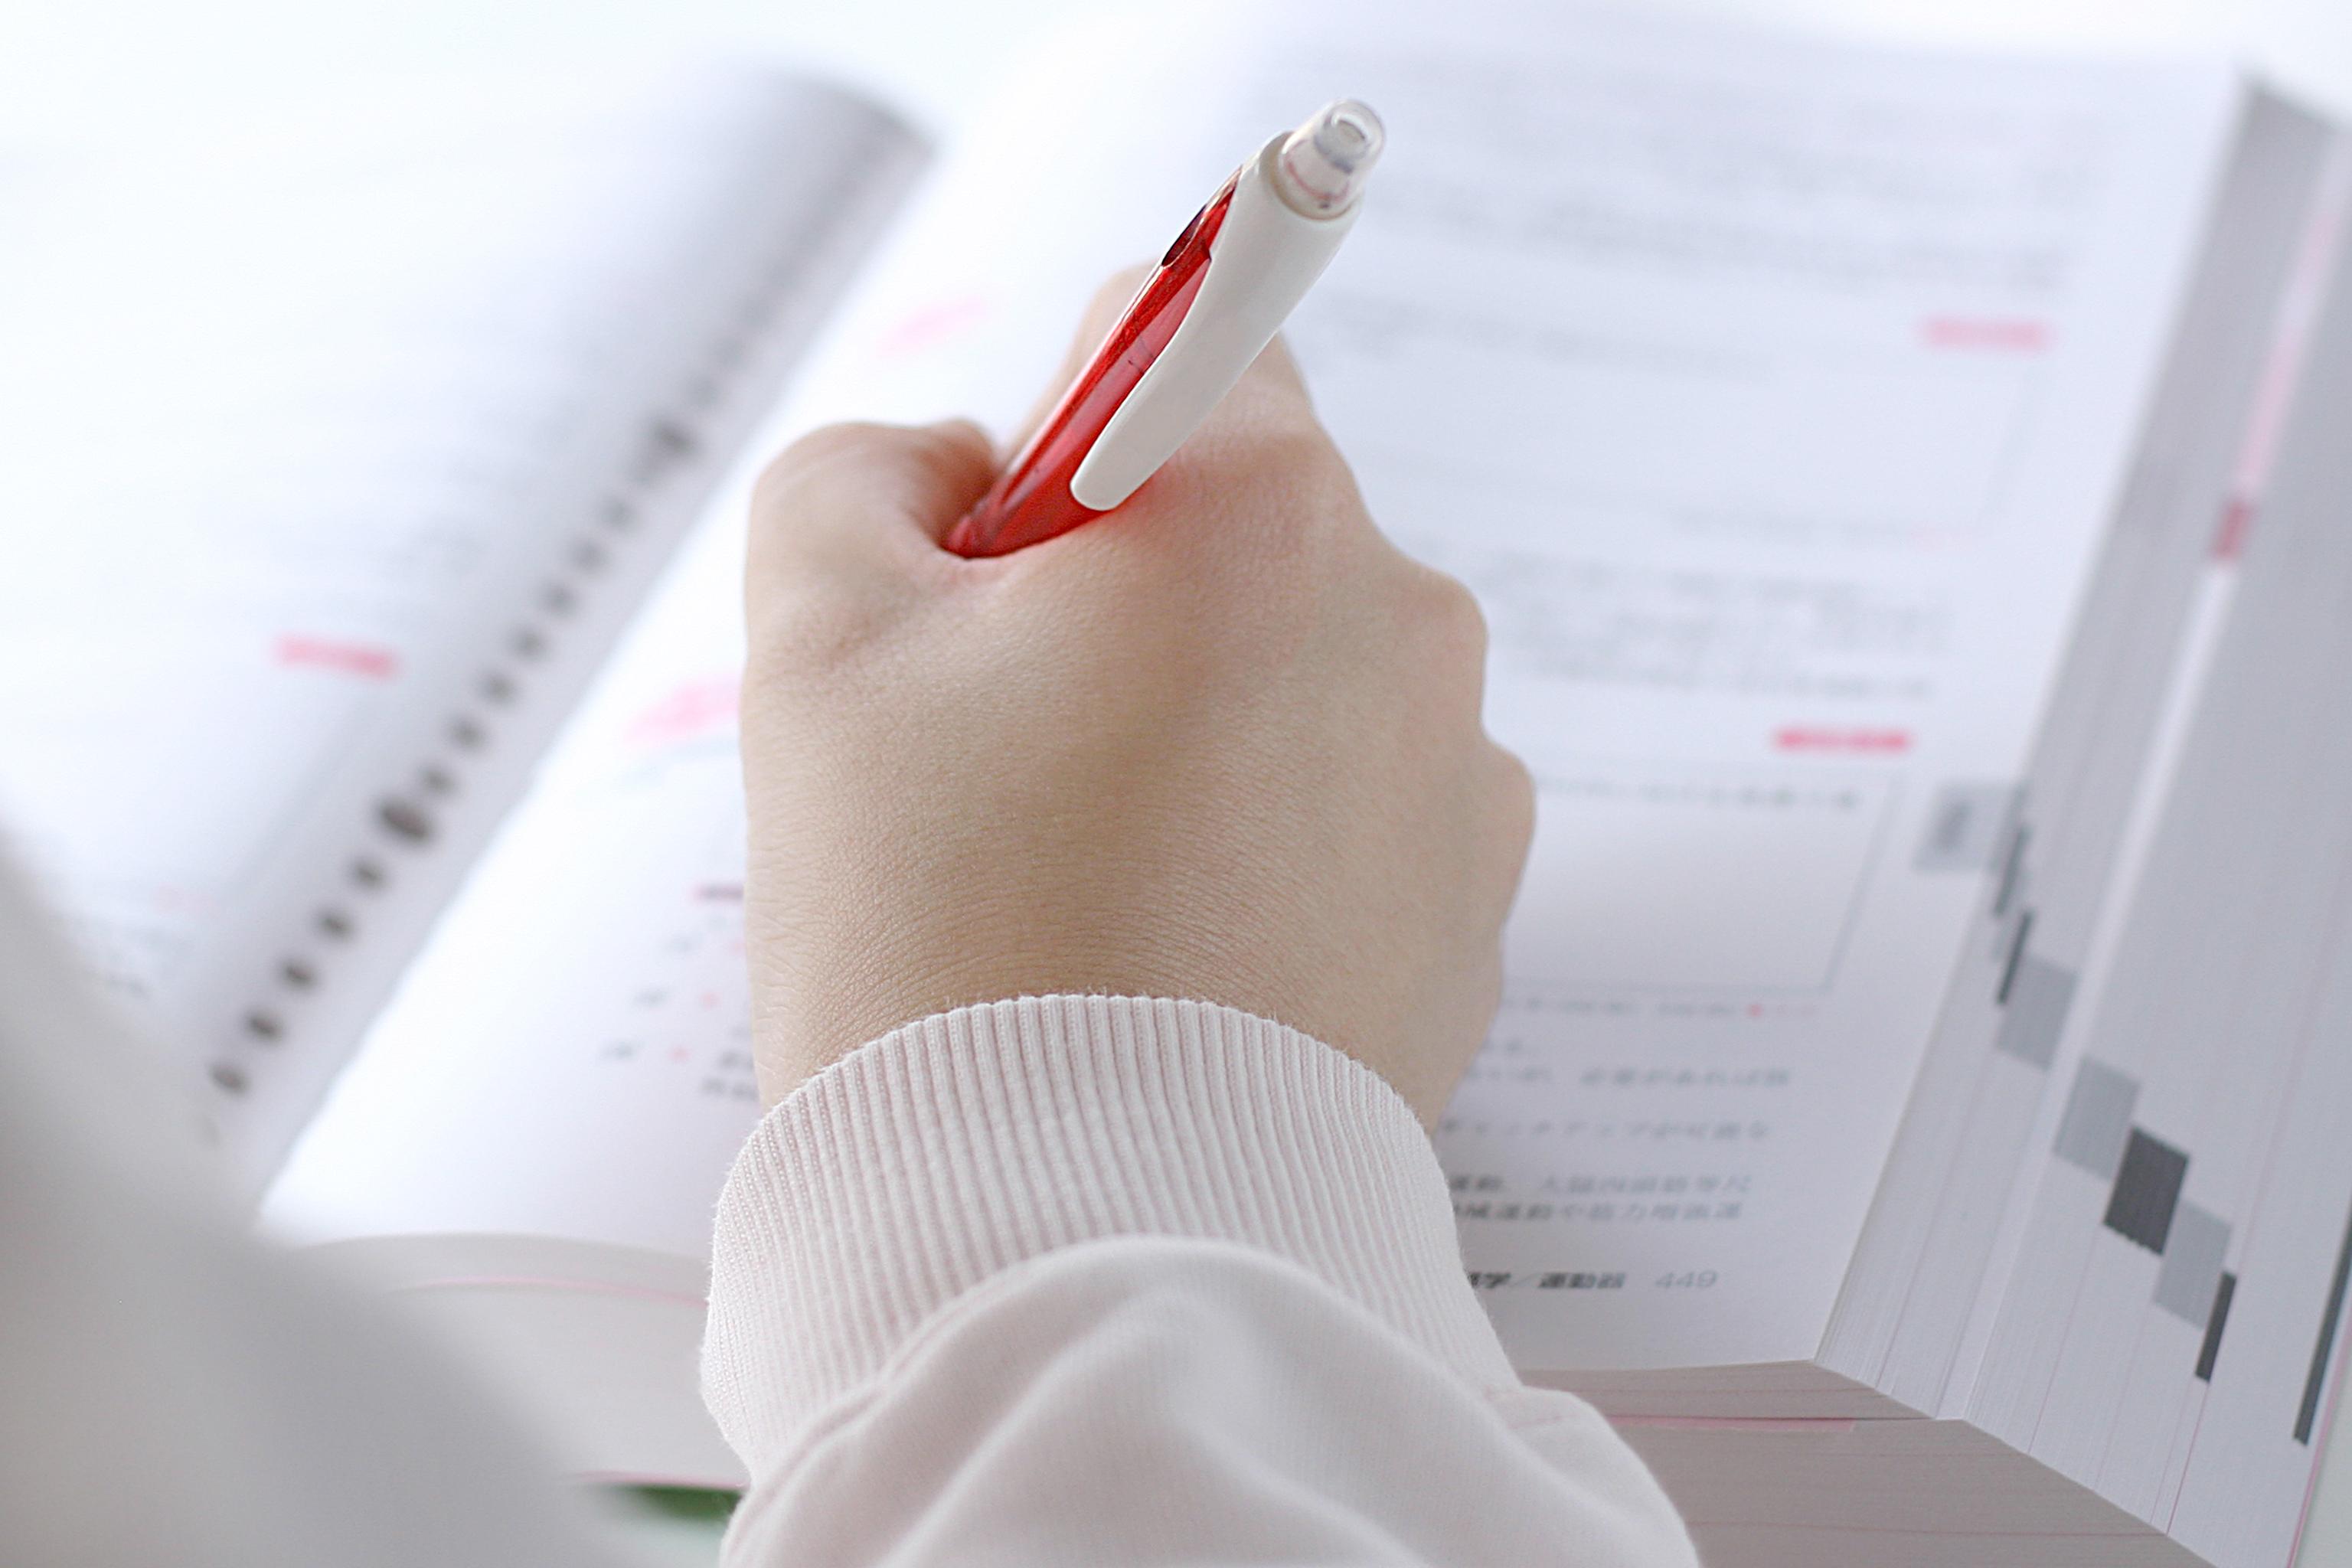 公認会計士試験合格までの道のり3